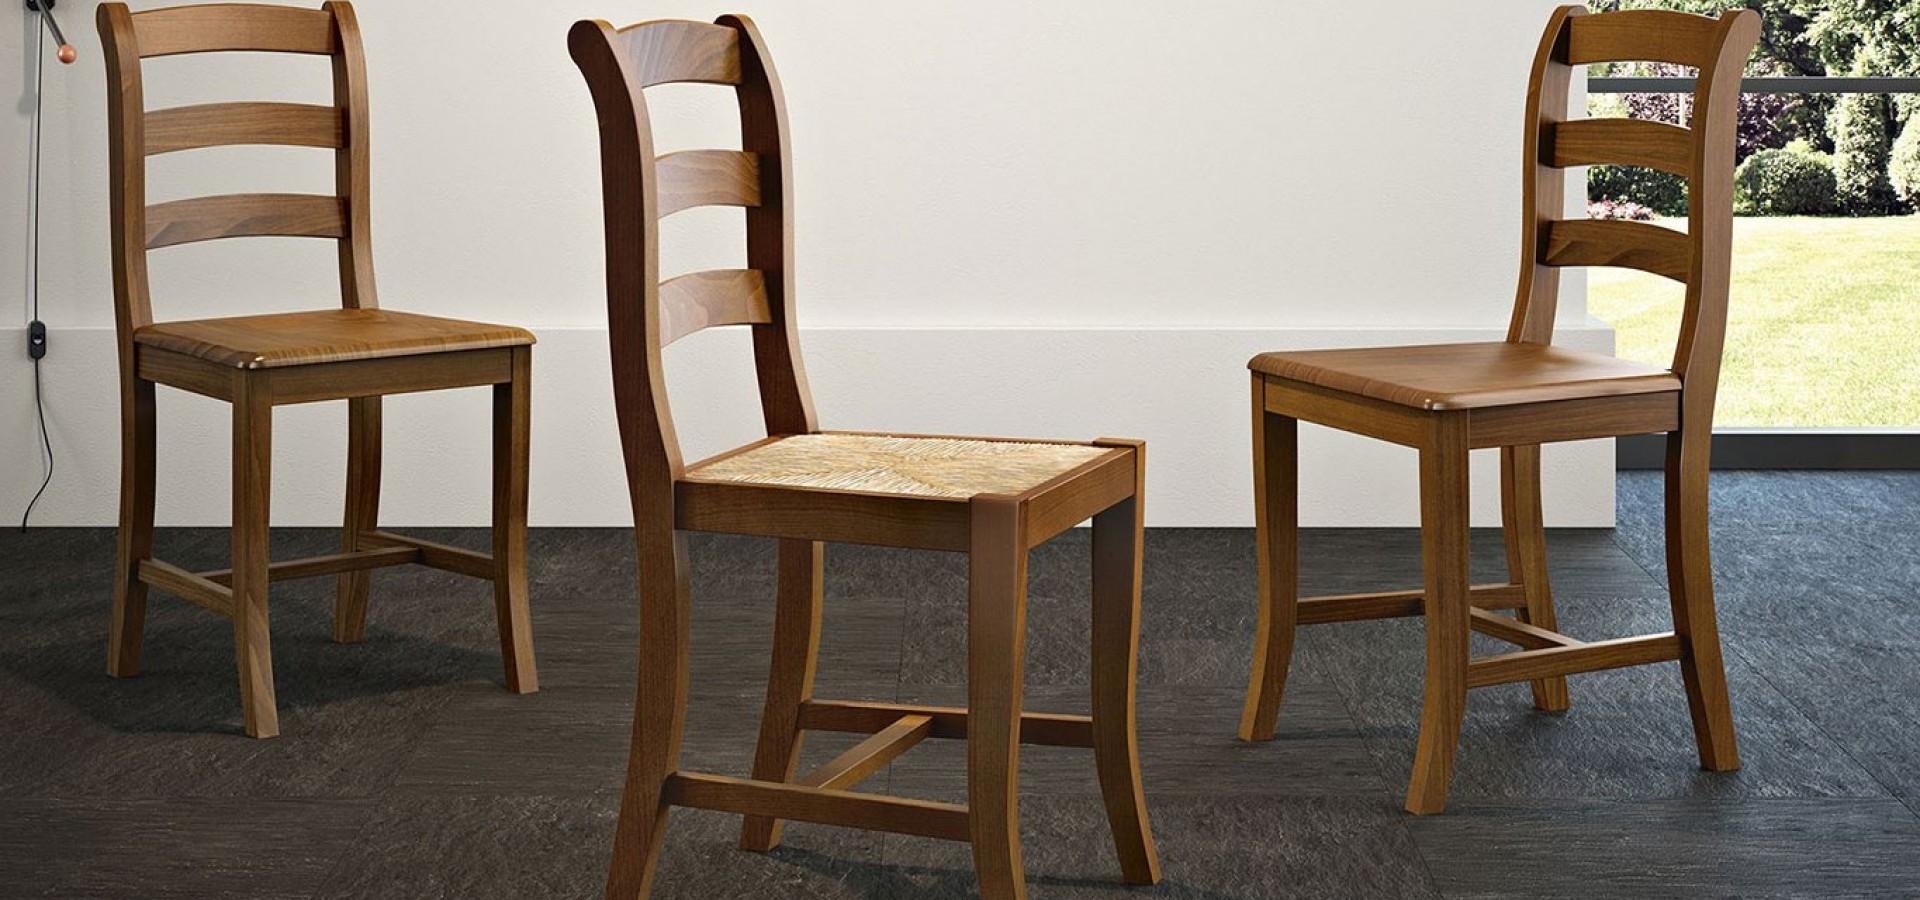 Итальянский стул Стул 410 | Стул Стул 410 ARREDO3